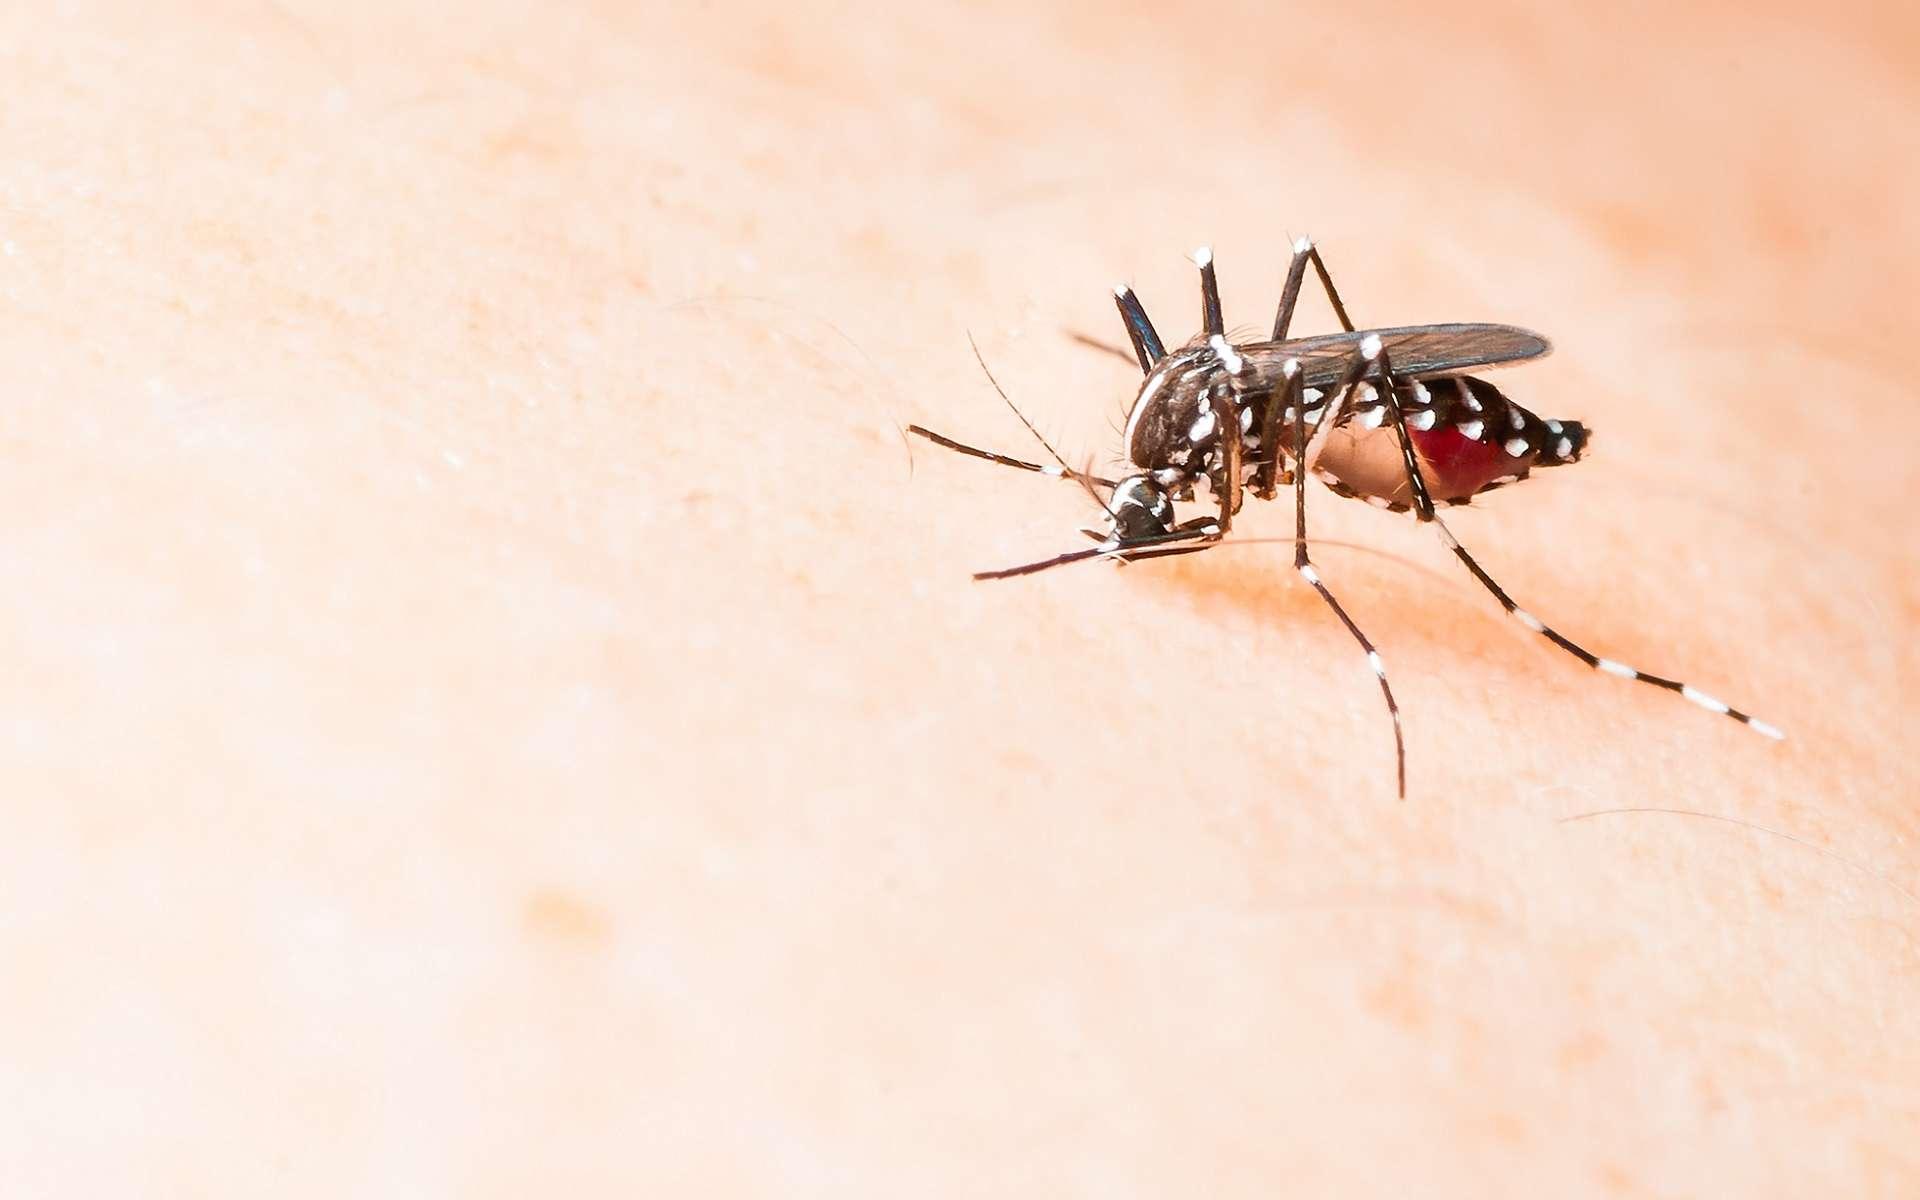 Le virus Zika est transmis par la piqûre de moustiques du genre Aedes. Actuellement, aucun vaccin n'est disponible. © Fendizz, Shutterstock